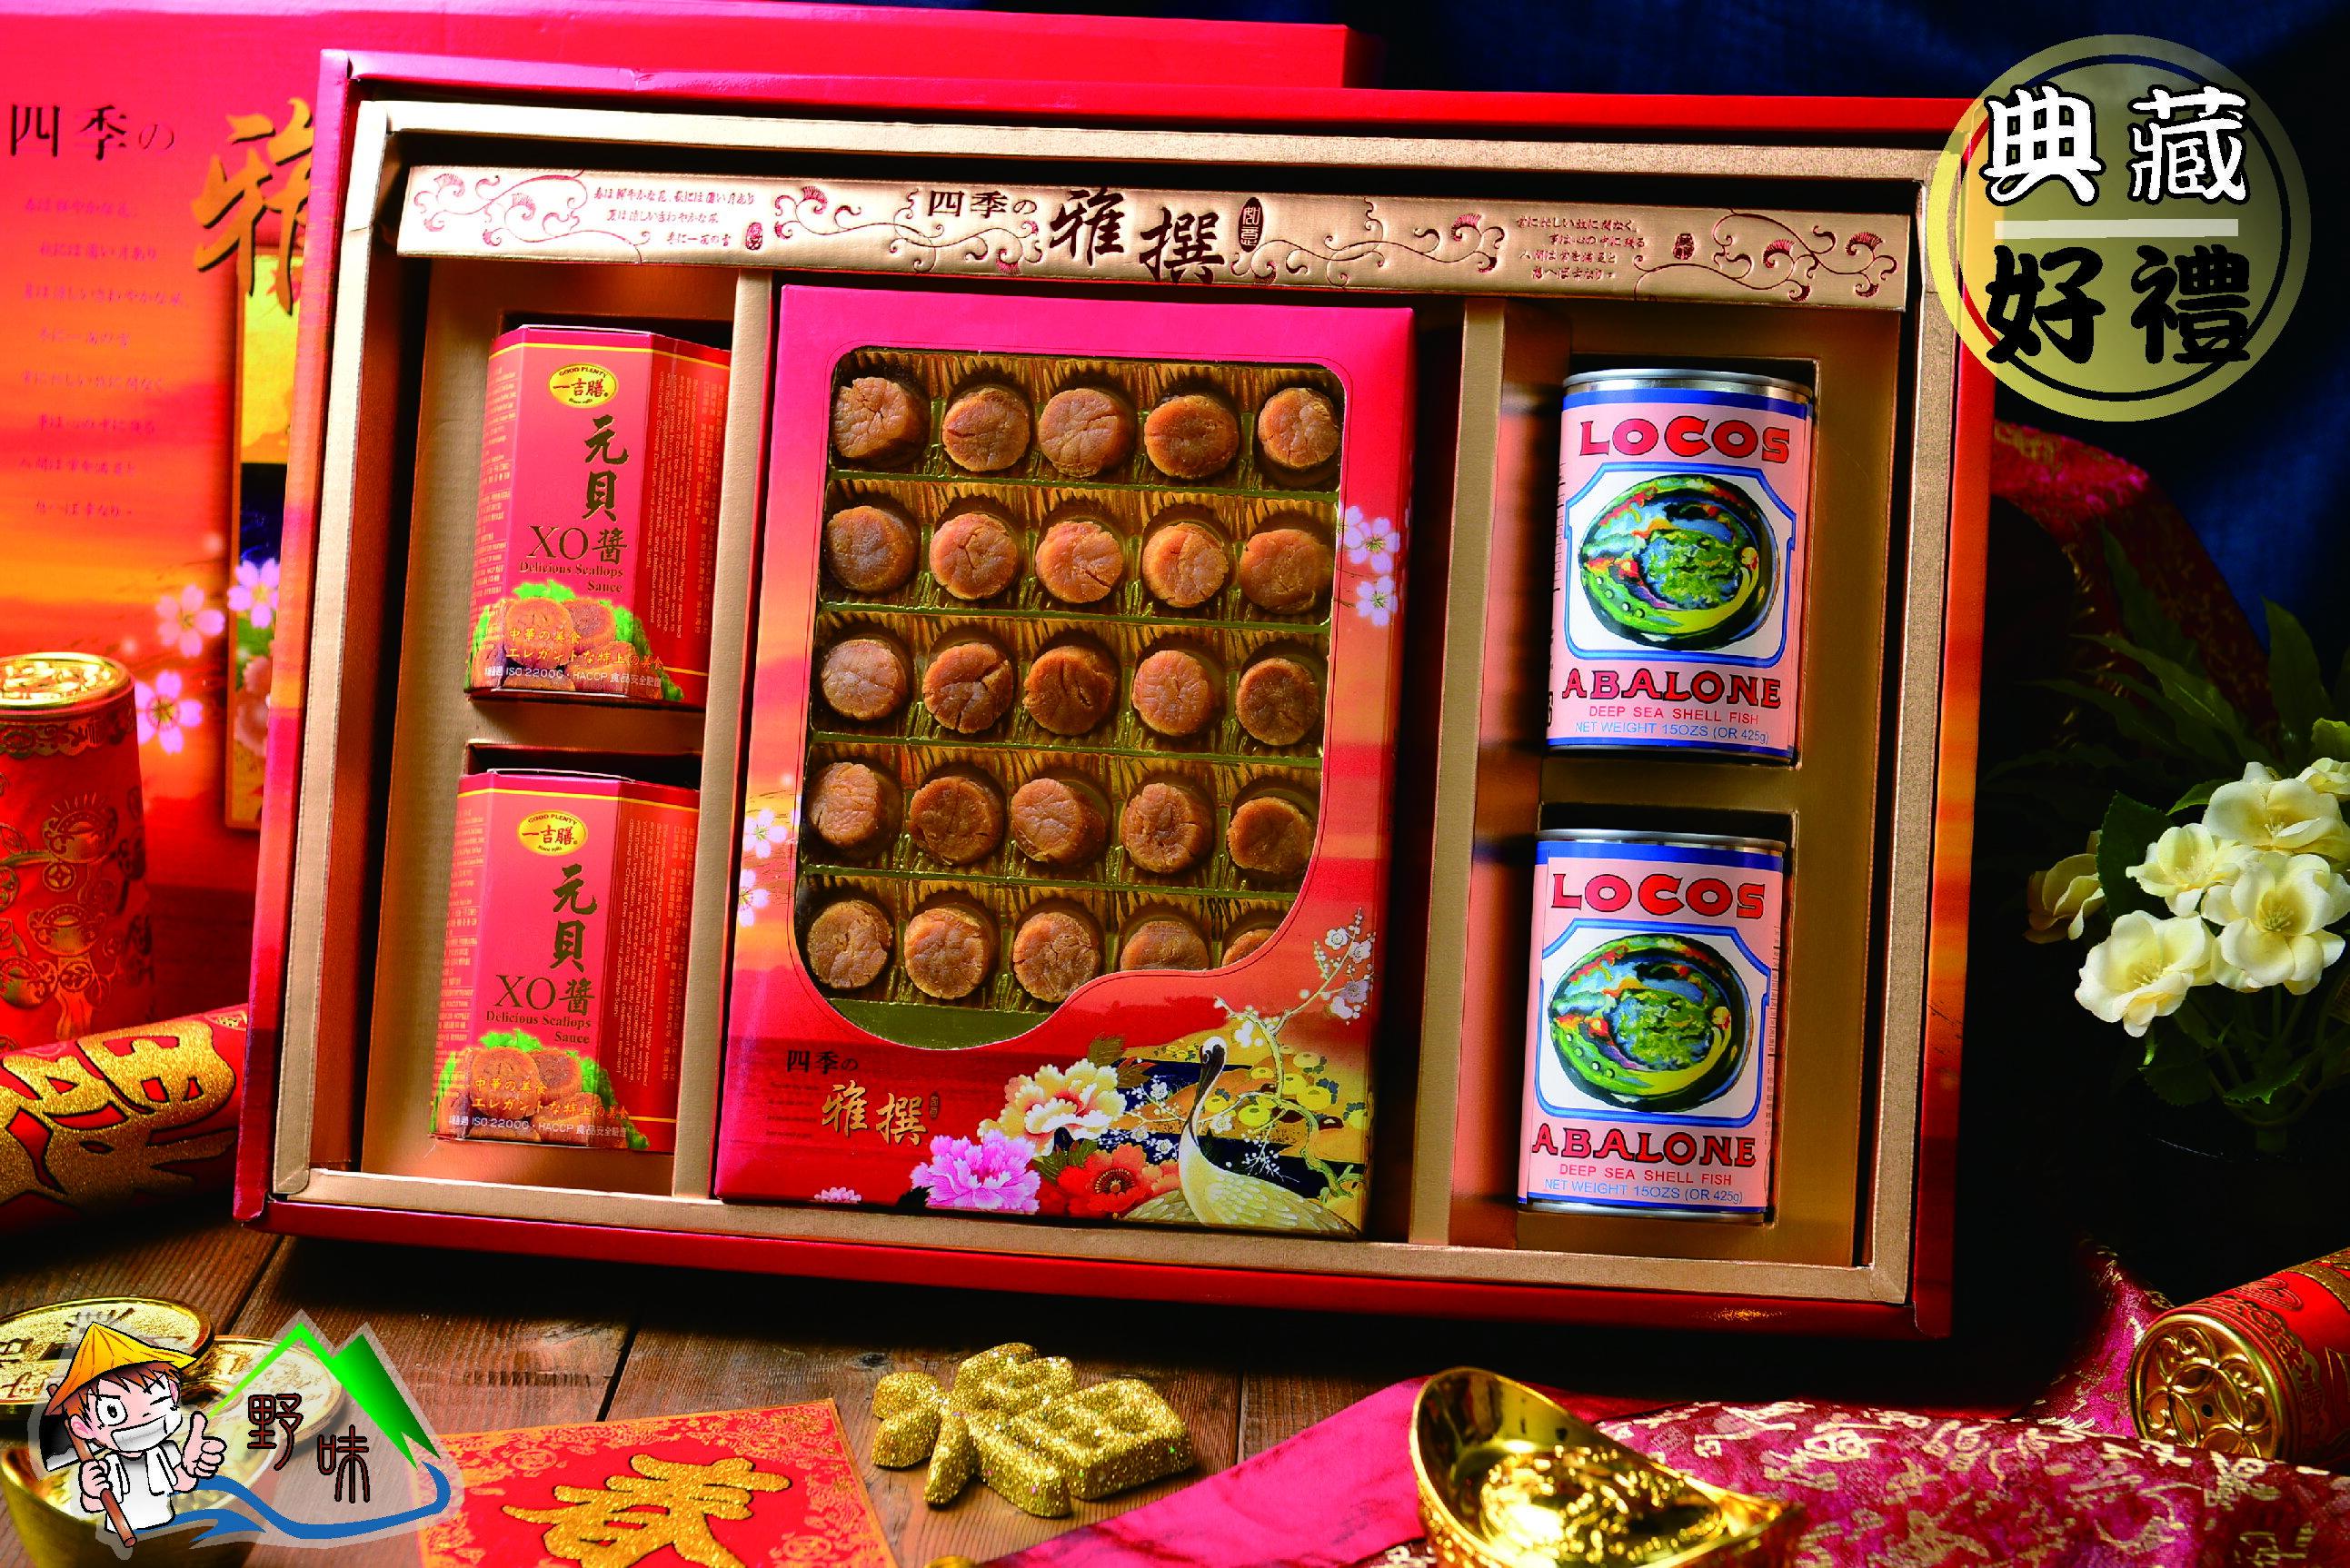 【野味食品】雅撰厚禮18(日本北海道M級干貝柱+智利貝鮑鮑魚罐頭+一吉膳元貝XO醬)(附贈年節禮盒、禮袋)(春節禮盒,傳統禮盒,年貨禮盒)